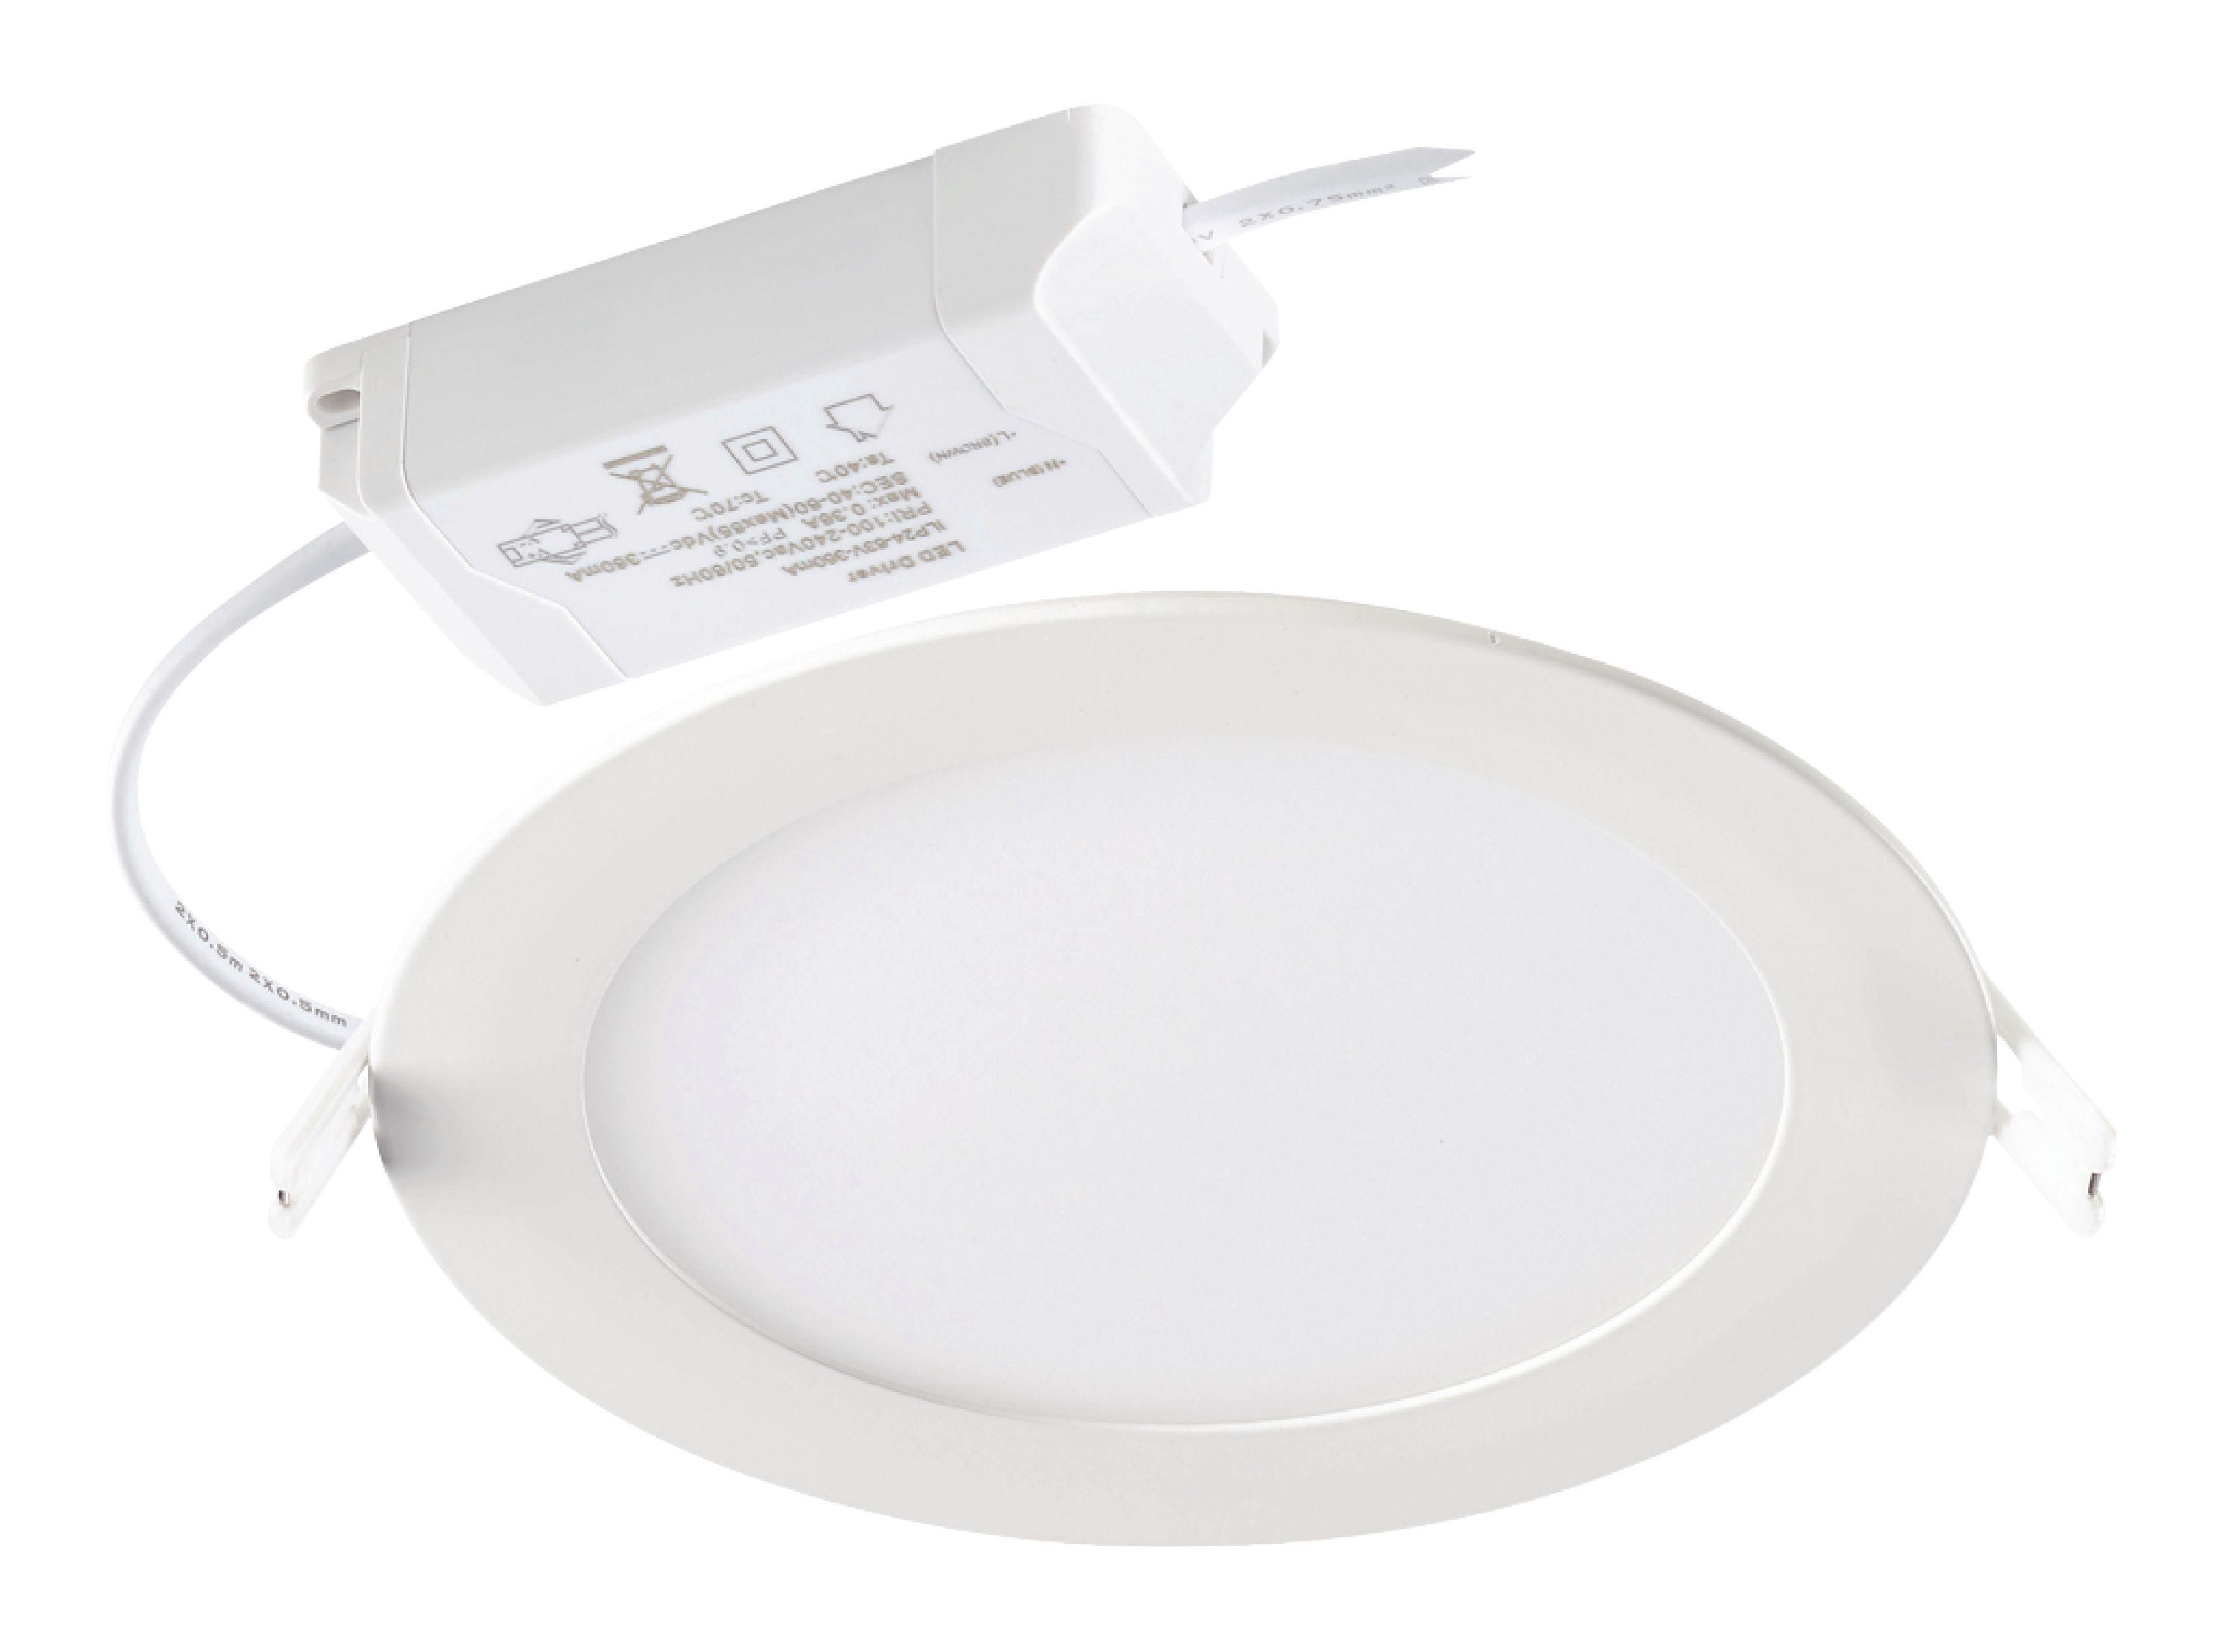 Podhledové svítidlo kulatý LED panel 18W, 4000K, 1400 lm, stmívatelné Sylvania 0053314